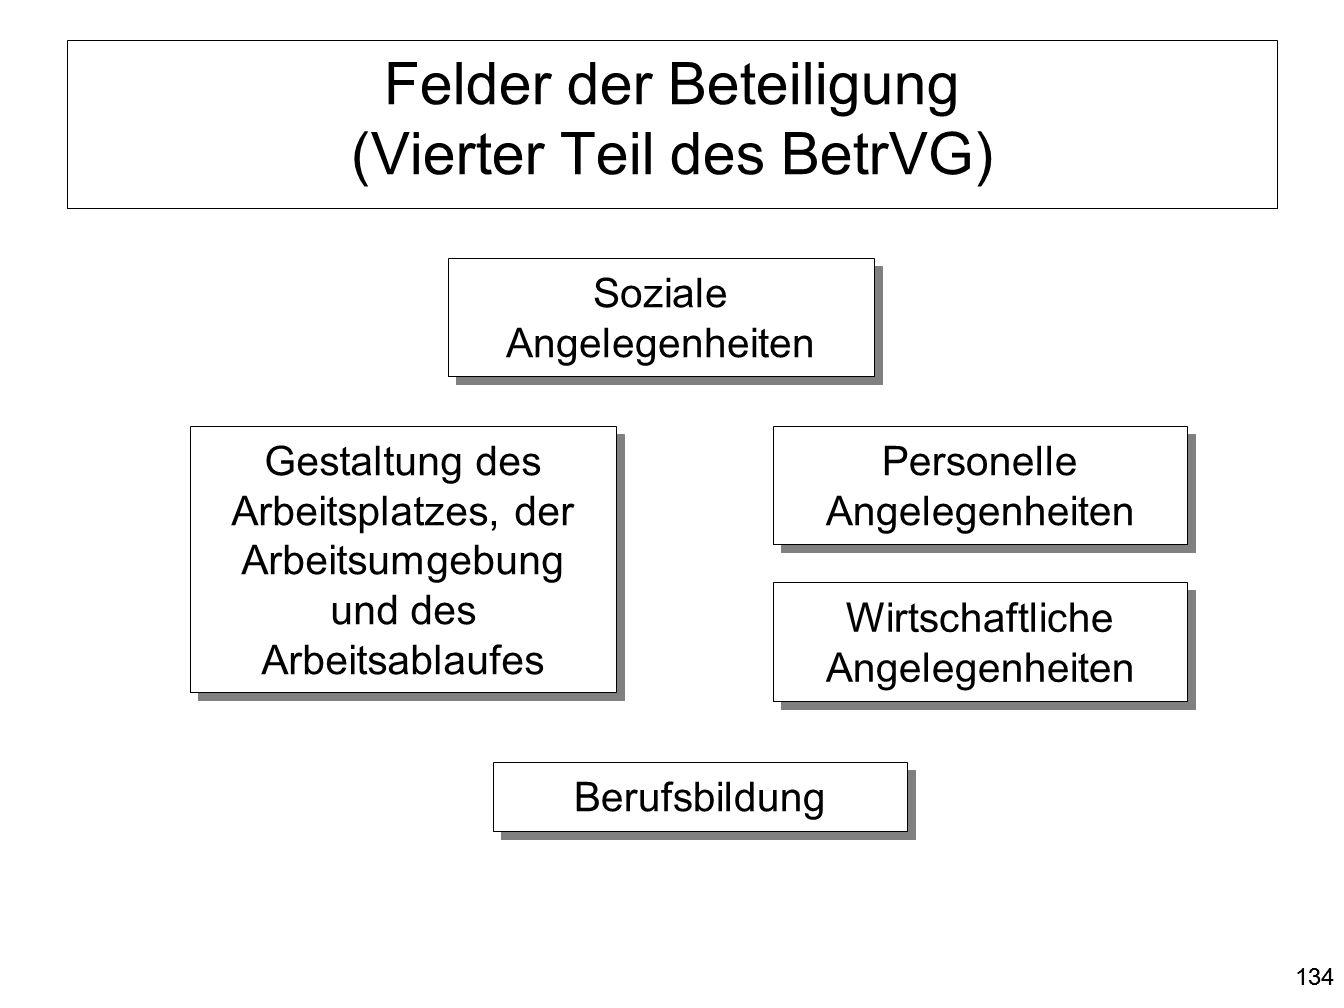 Felder der Beteiligung (Vierter Teil des BetrVG)